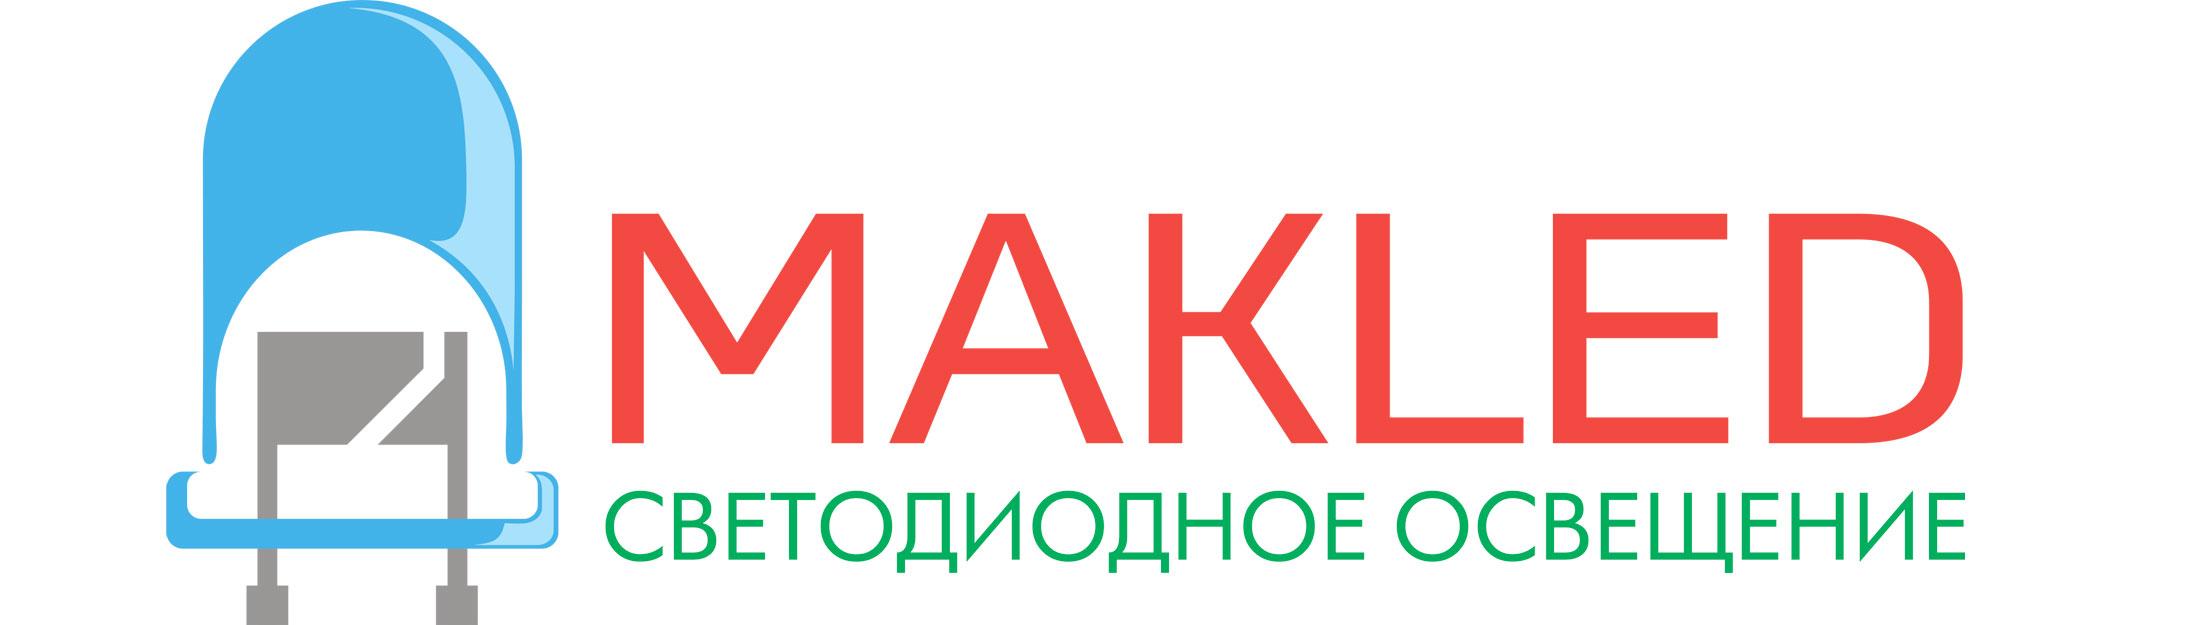 Cветодиодное освещение и подсветка MAKLED.ru